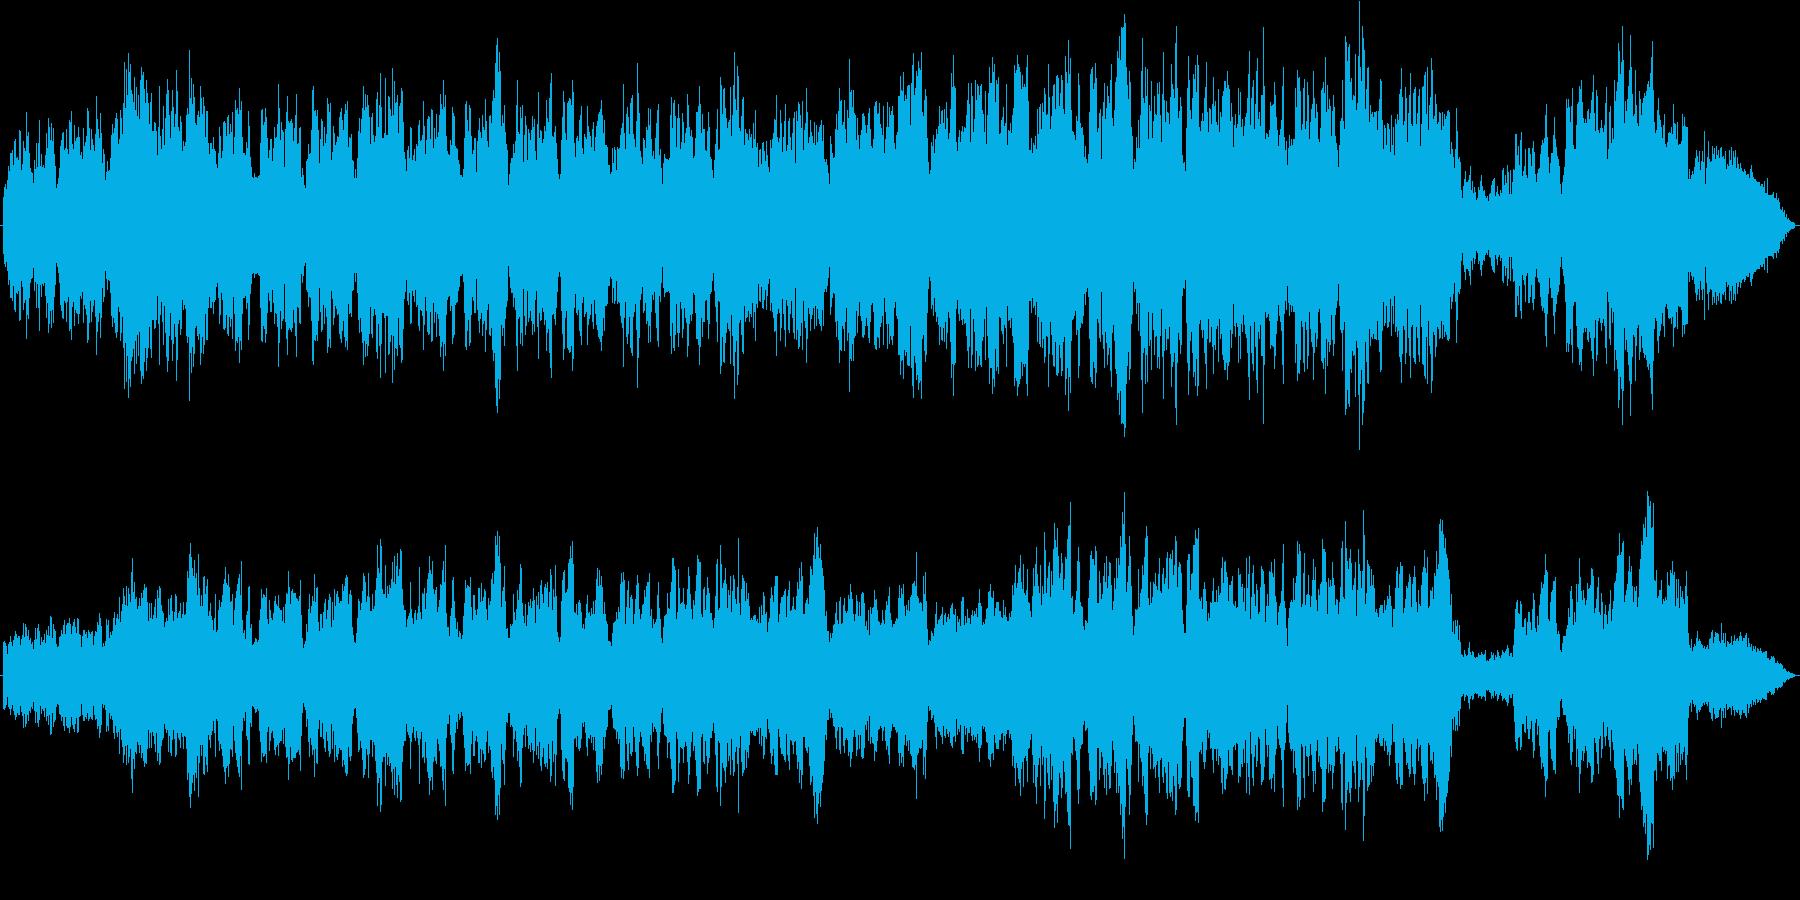 ヴァイオリンソロと弦楽器アンサンブルの再生済みの波形